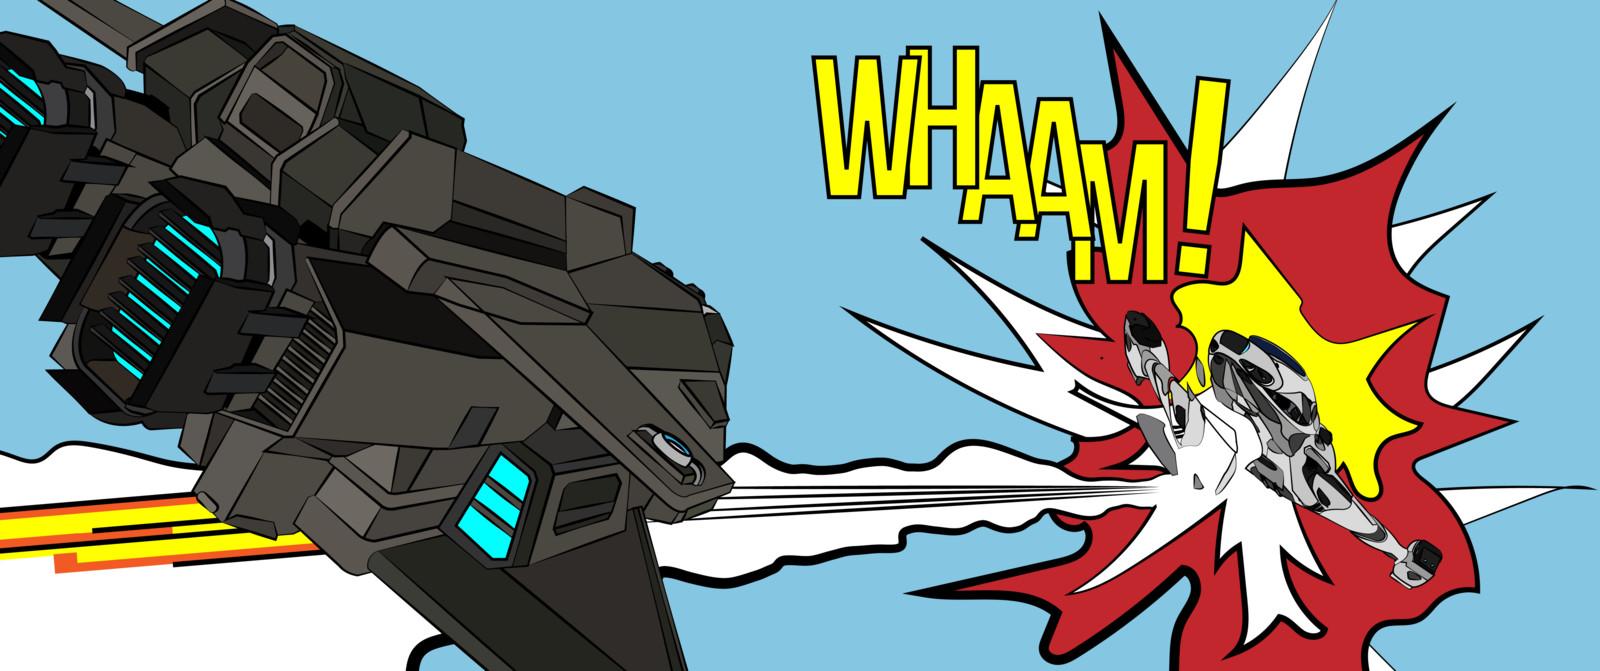 Elite Dangerous - WHAAM! 3304, a tribute to Roy Lichtenstein